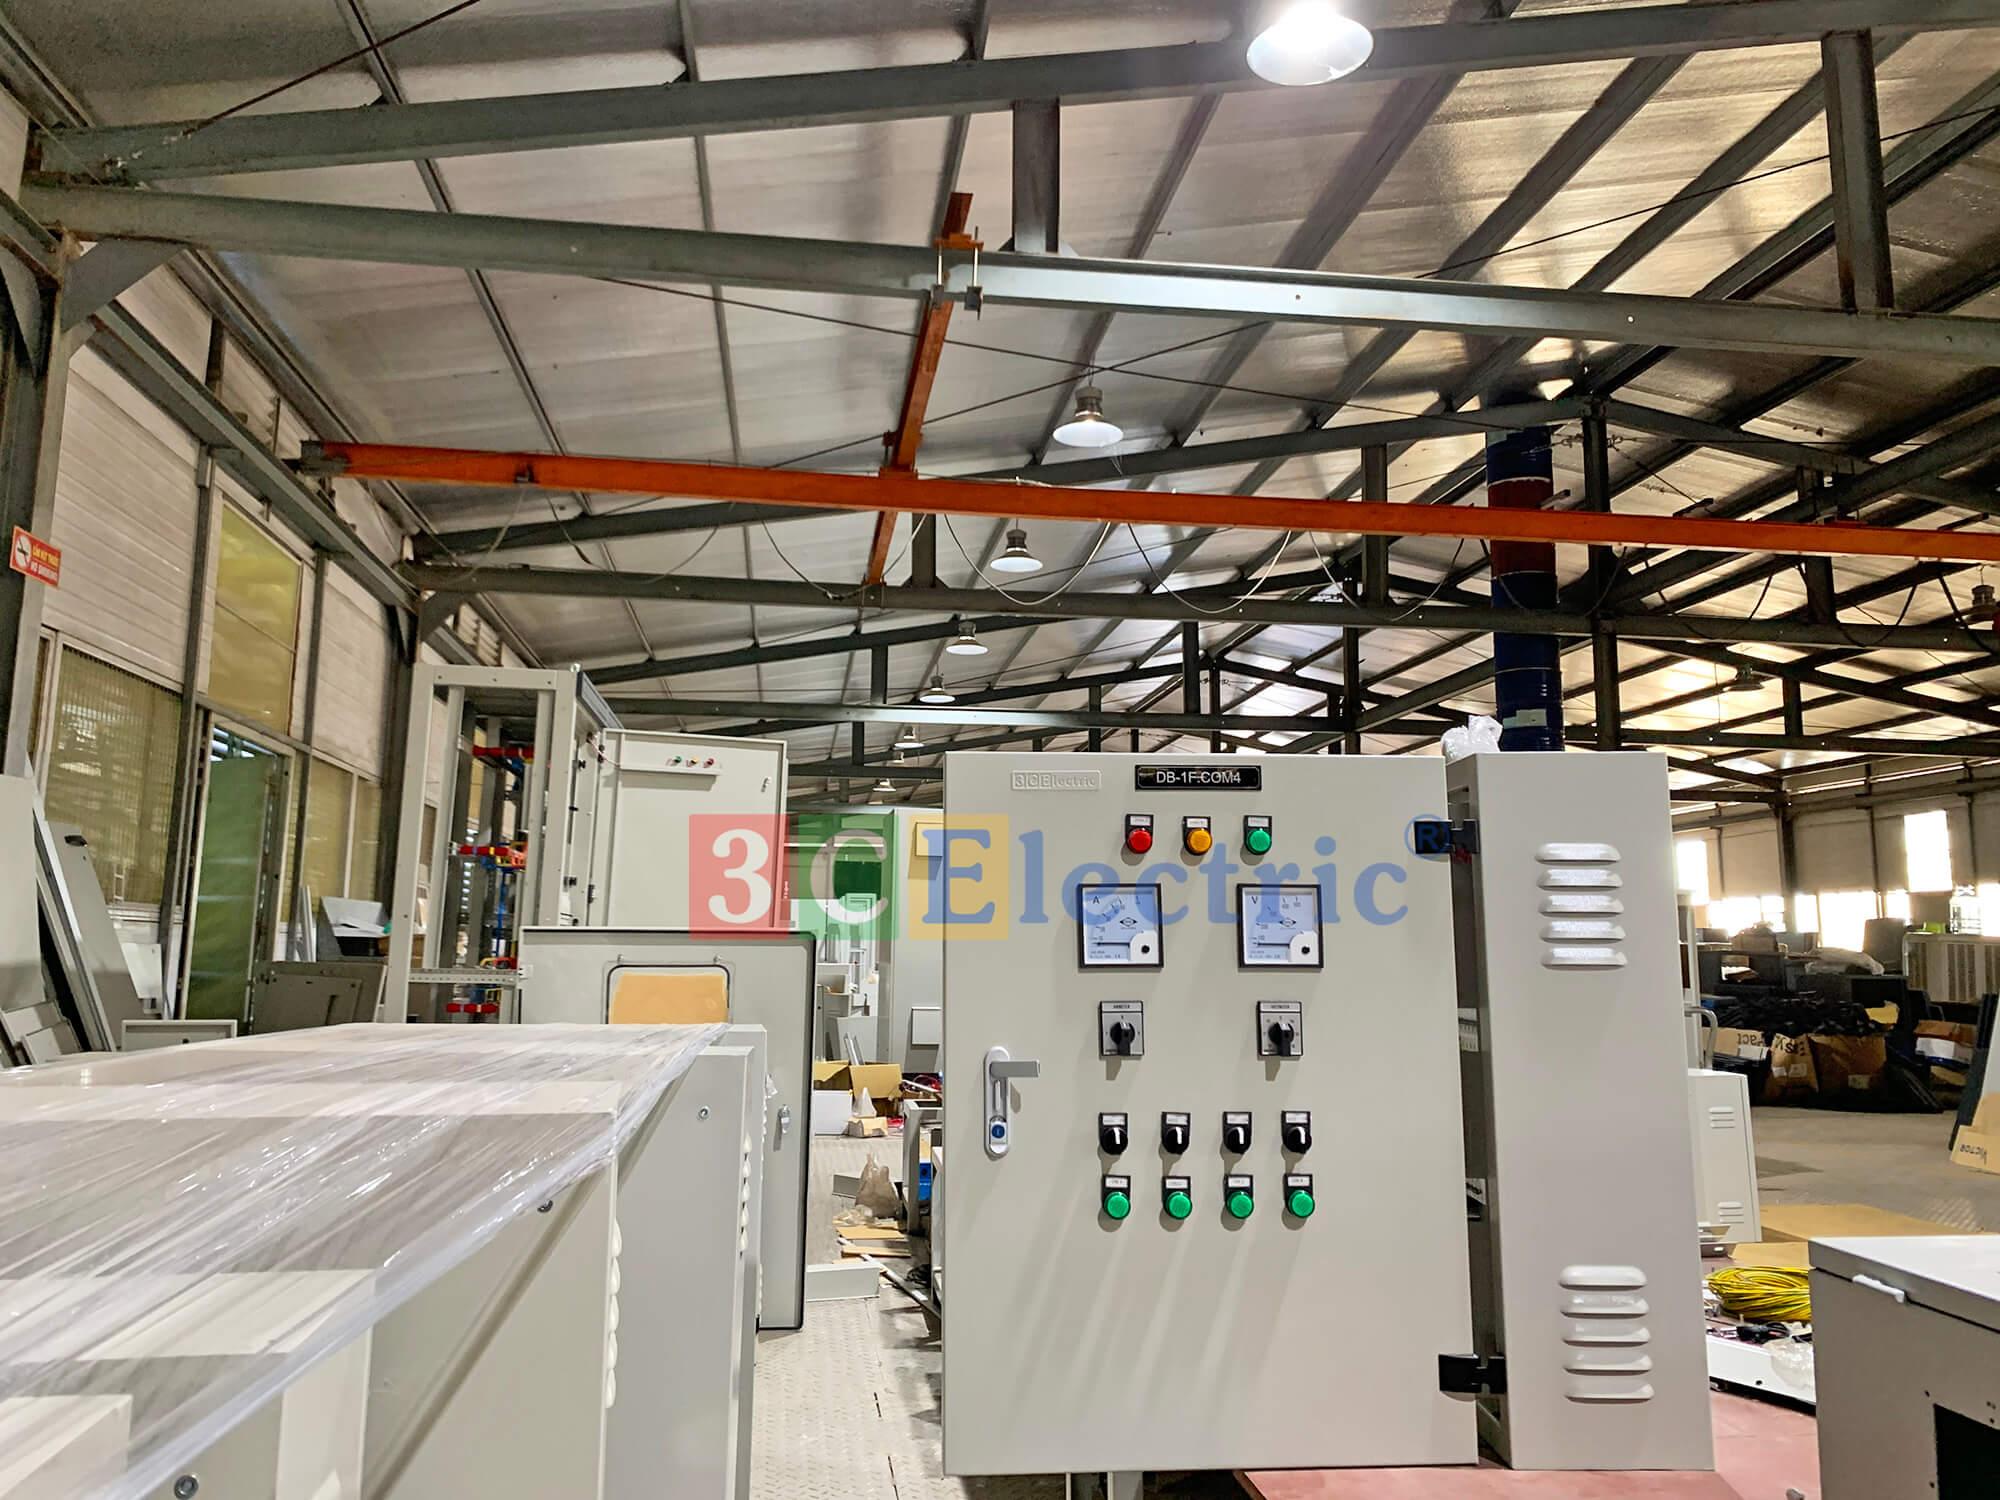 Tủ điện tại nhà máy 3CElectric